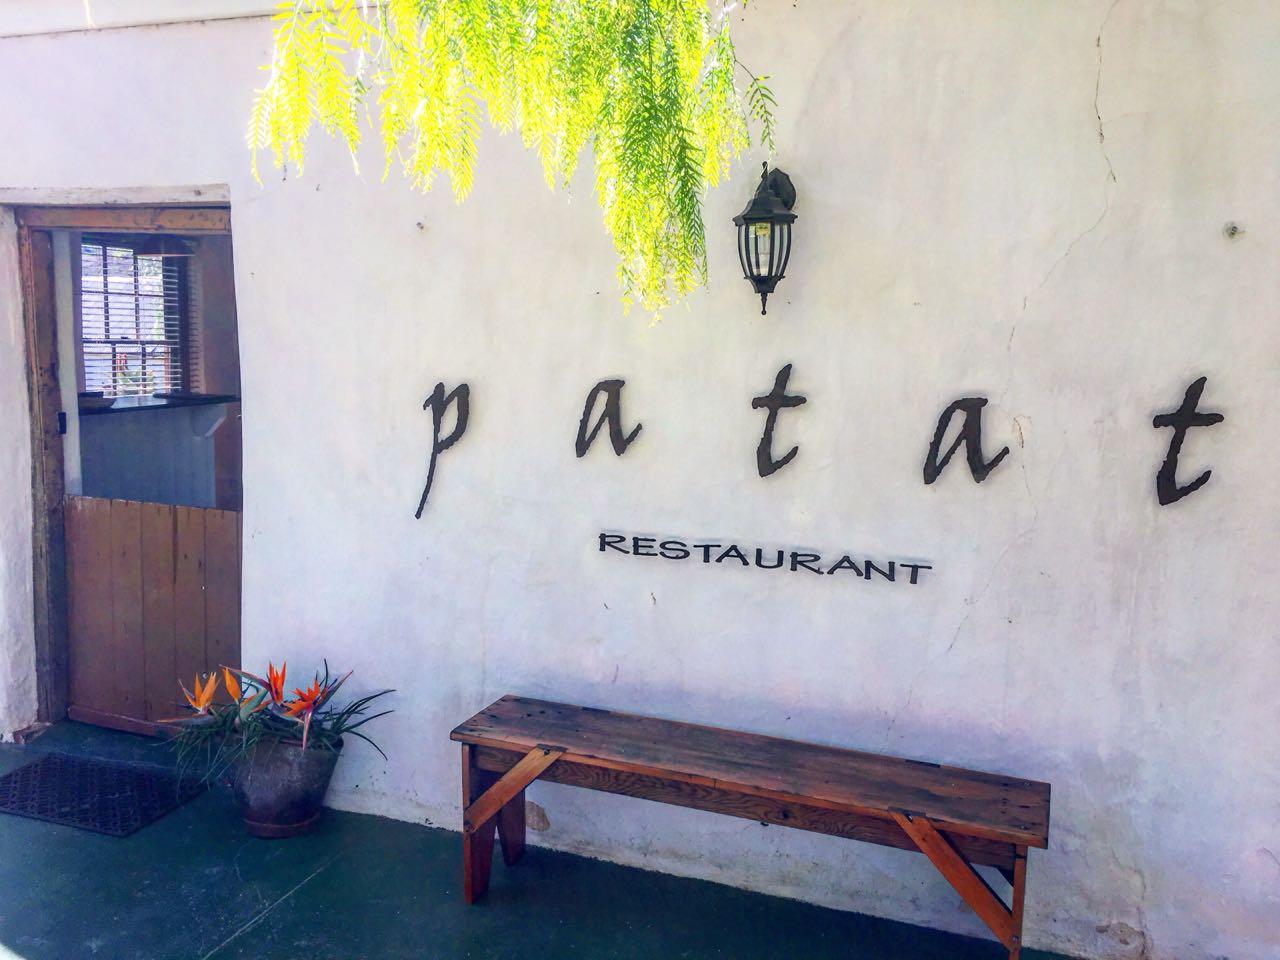 Swartberg Patat Restaurant Oudshoorn